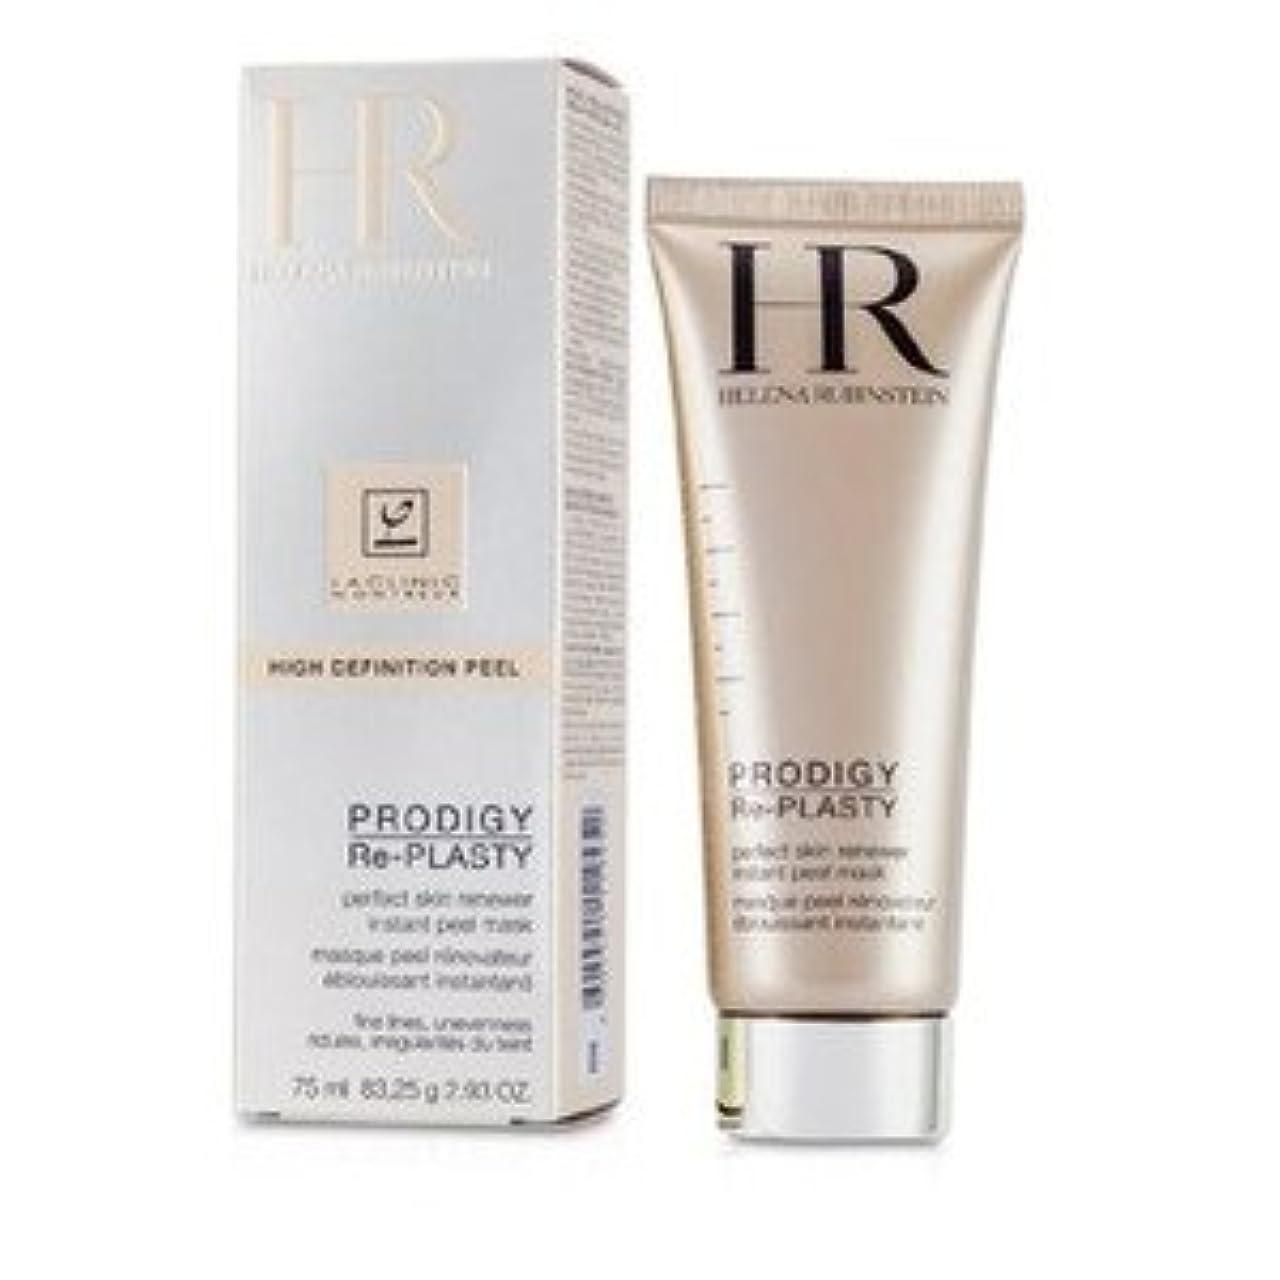 安定した肥料冷酷なHelena Rubinstein(ヘレナ・ルビンスタイン) Prodigy Re-Plasty High Definition Peel Perfect Skin Renewer Instant Peel Mask 75ml...